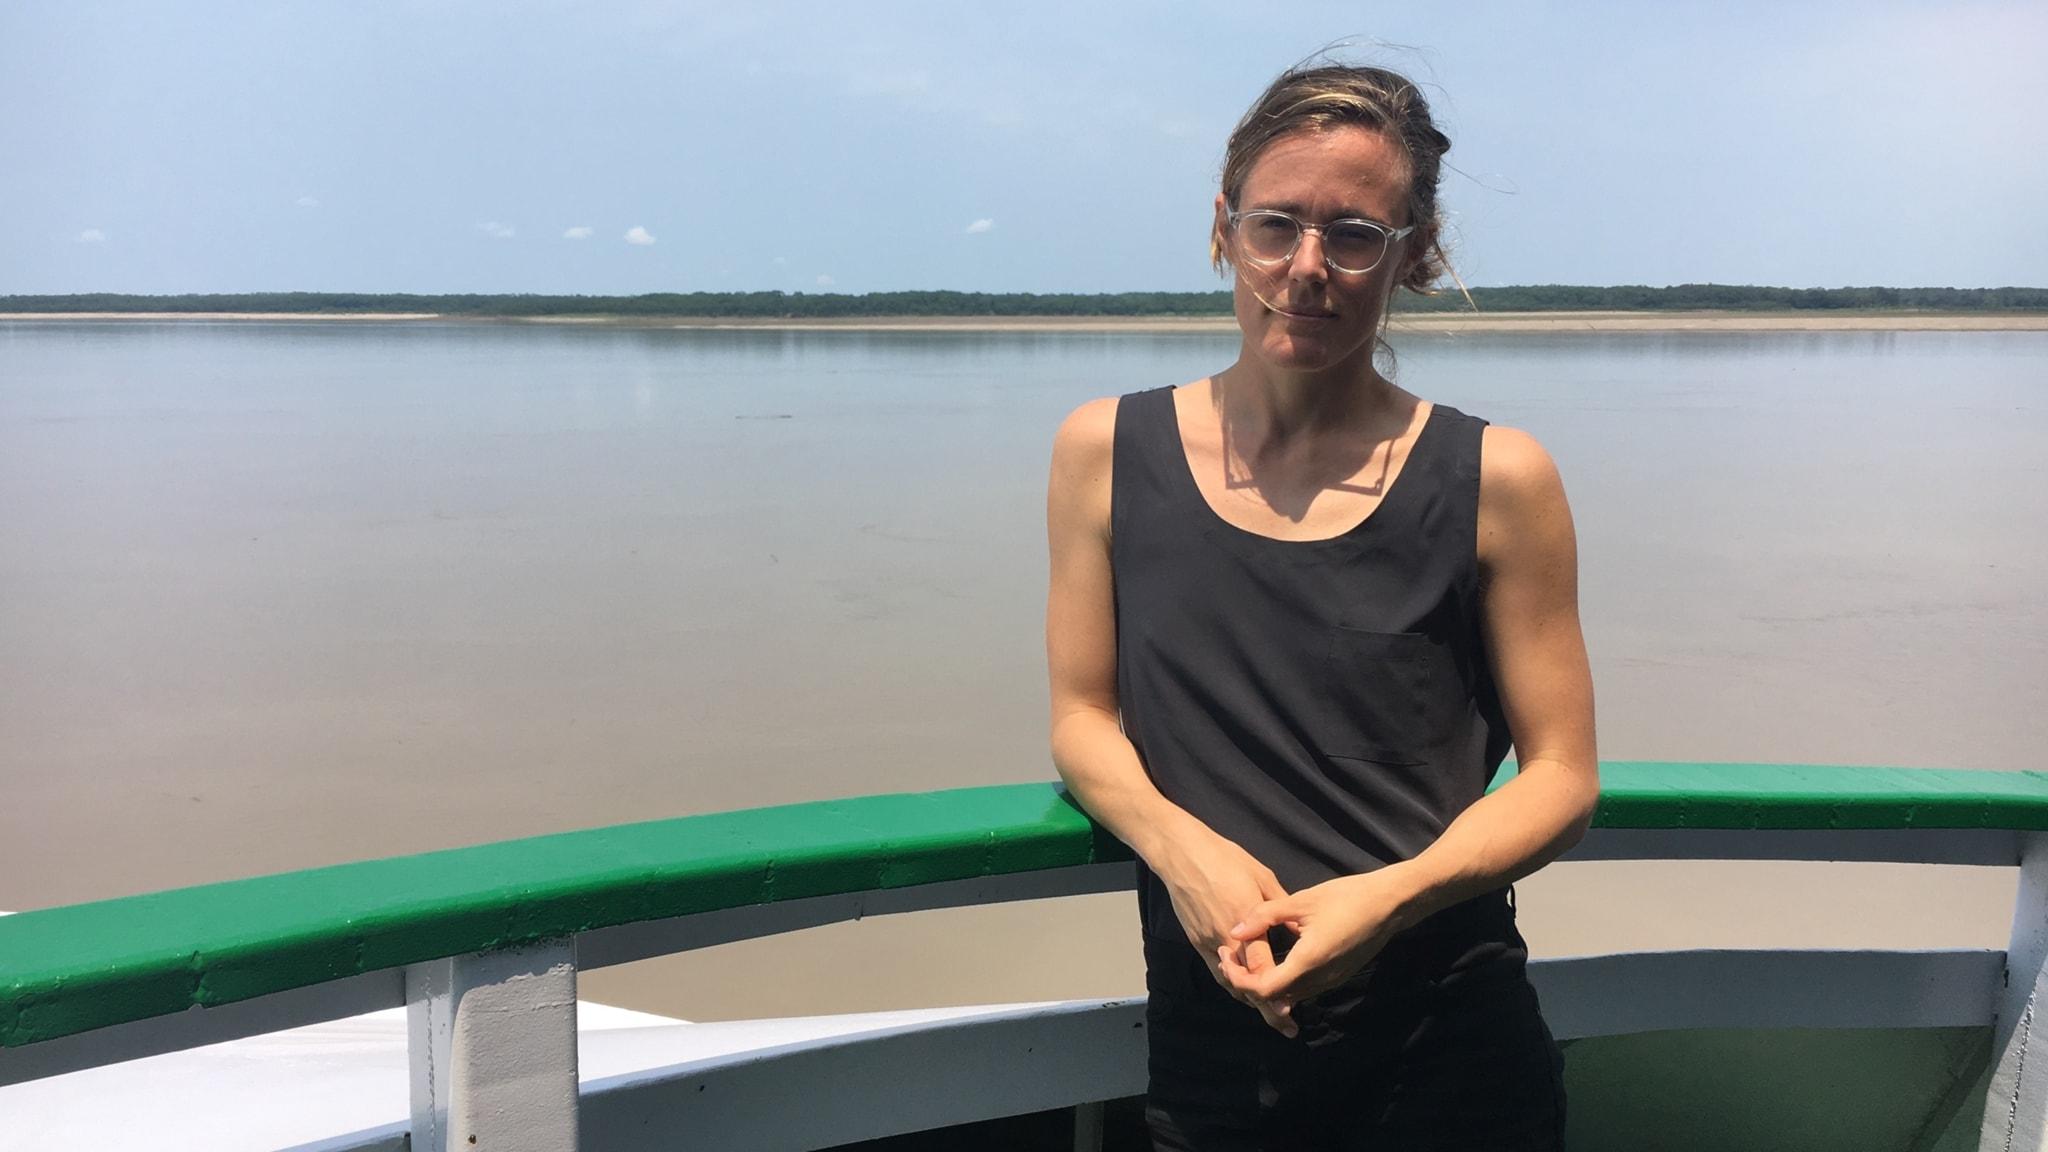 Sveriges Radios Latinamerikakorrespondent Lotten Collin reste längs Amazonasfloden för att skildra vardagen i klimatförändringarnas spår.